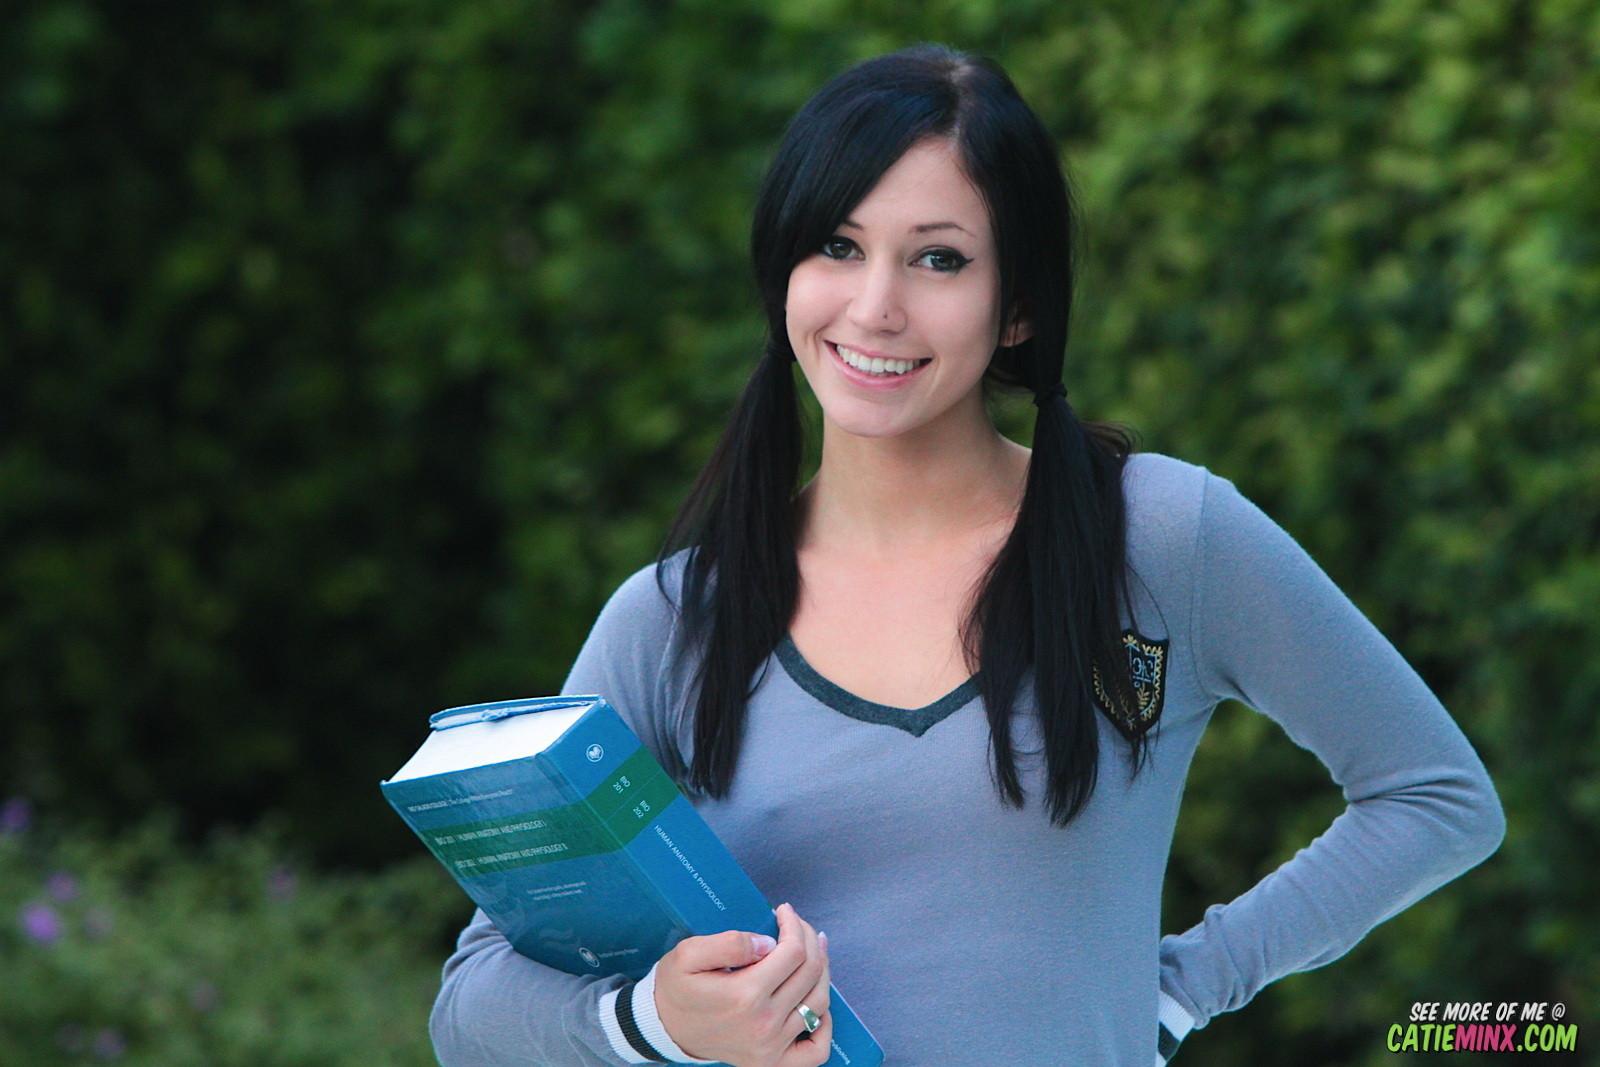 Schoolgirl catie minx in nylon  flashing outdoors